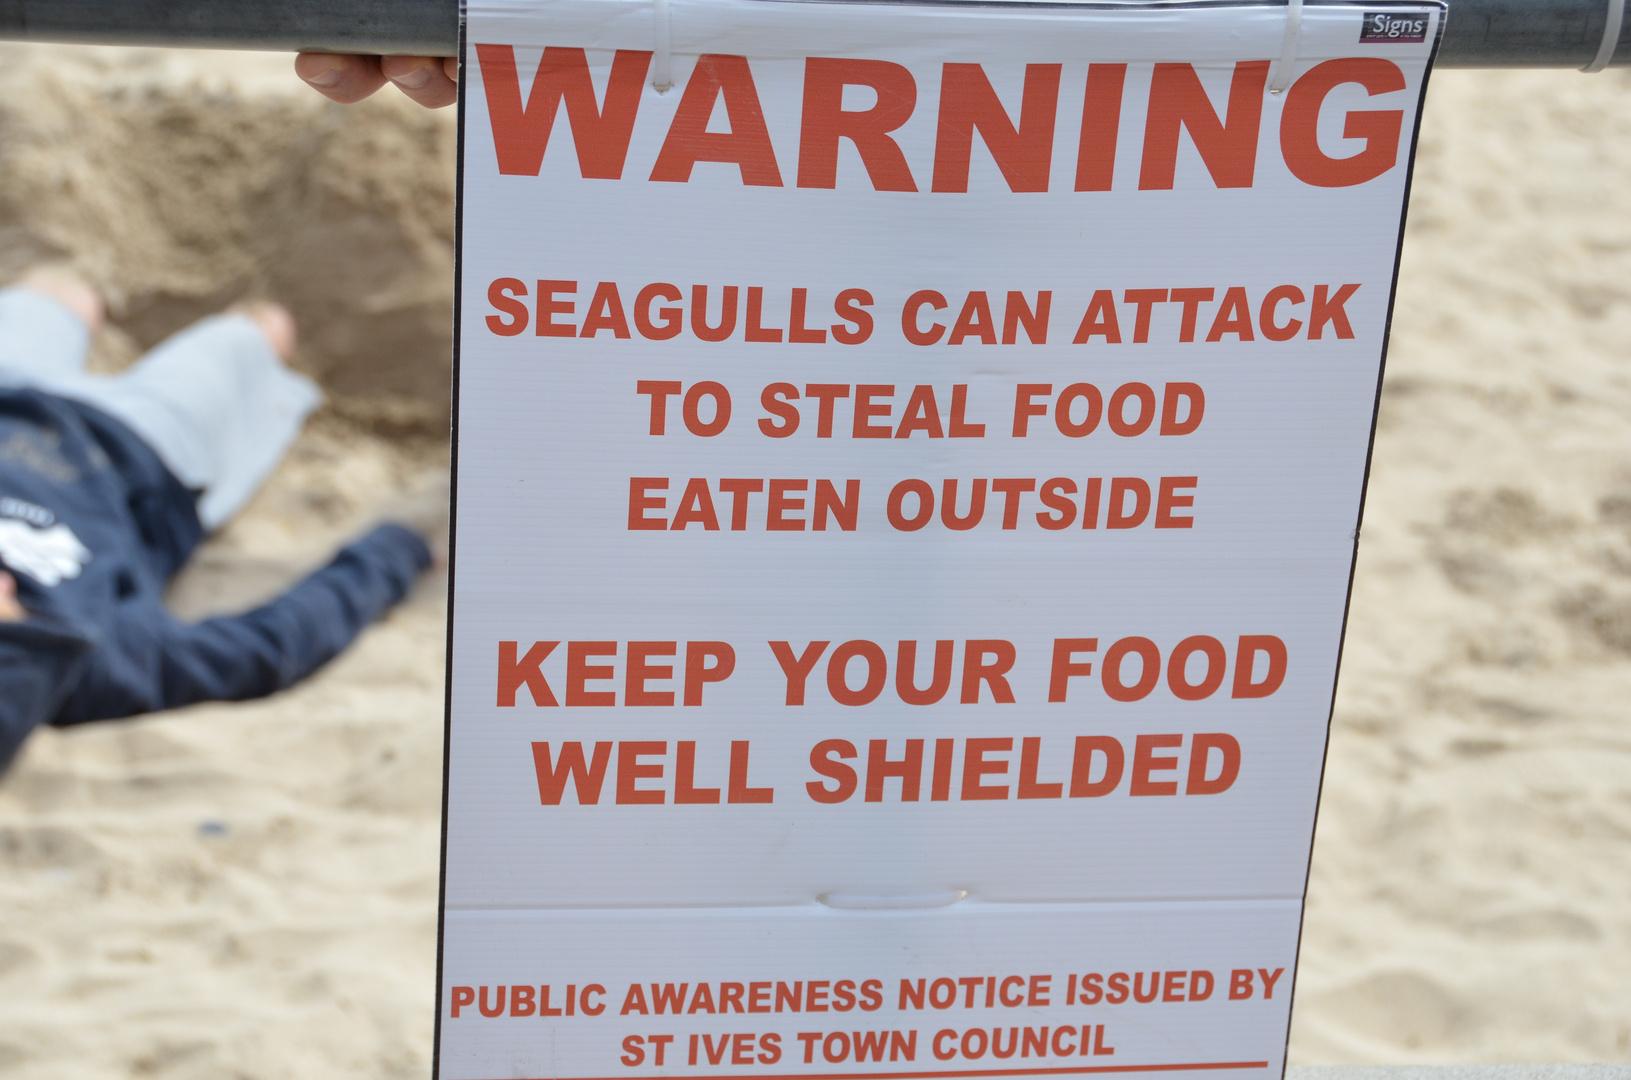 Seagulls haben schon attackiert